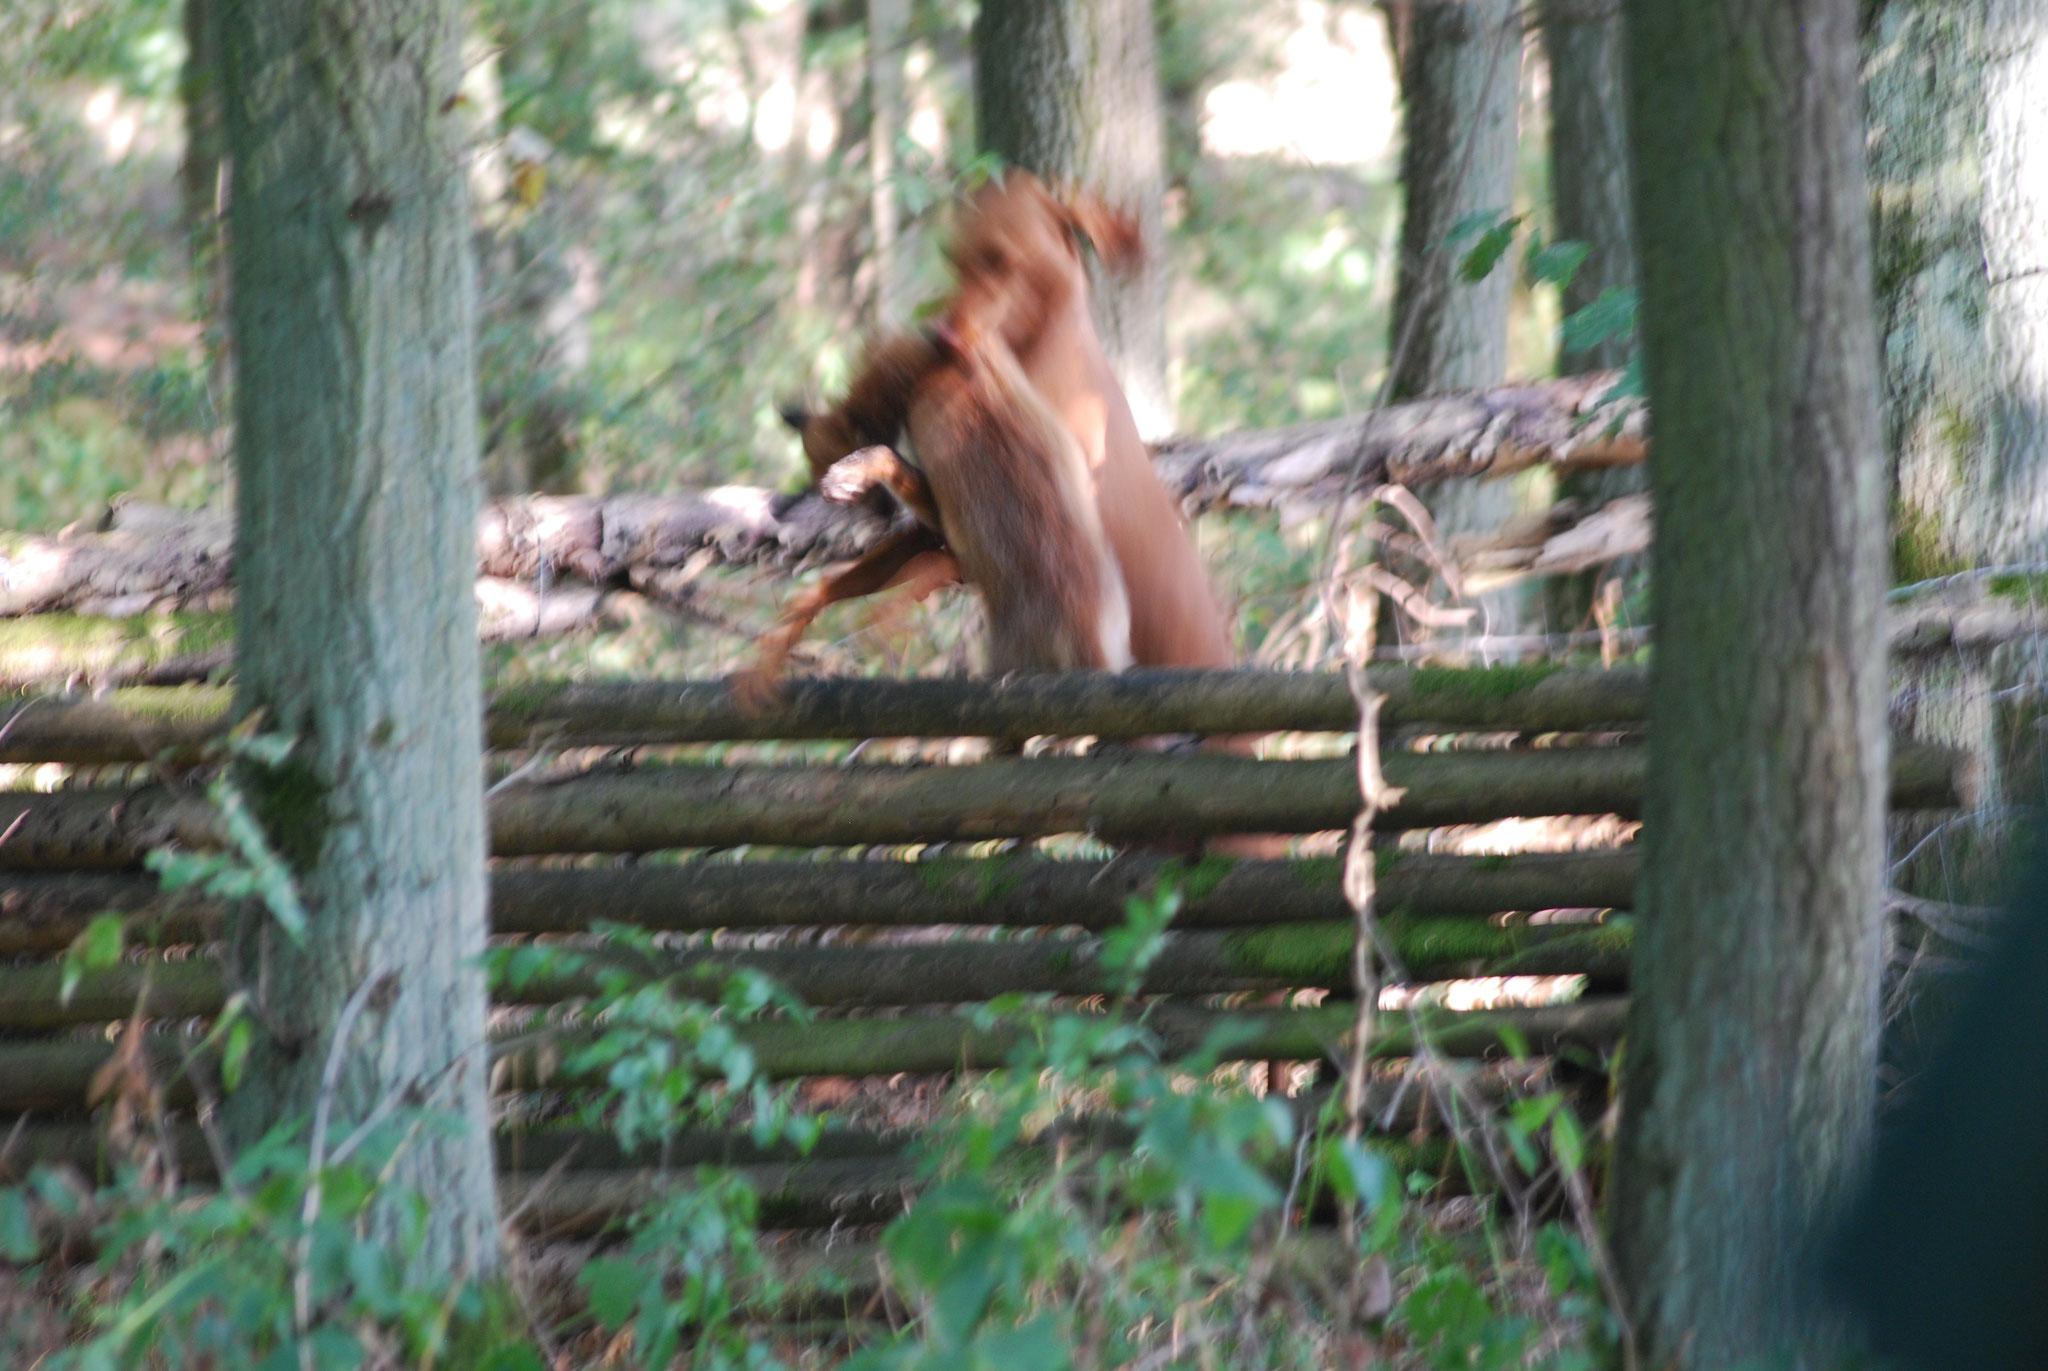 Fuchs über Hindernis - so muss es aussehen.